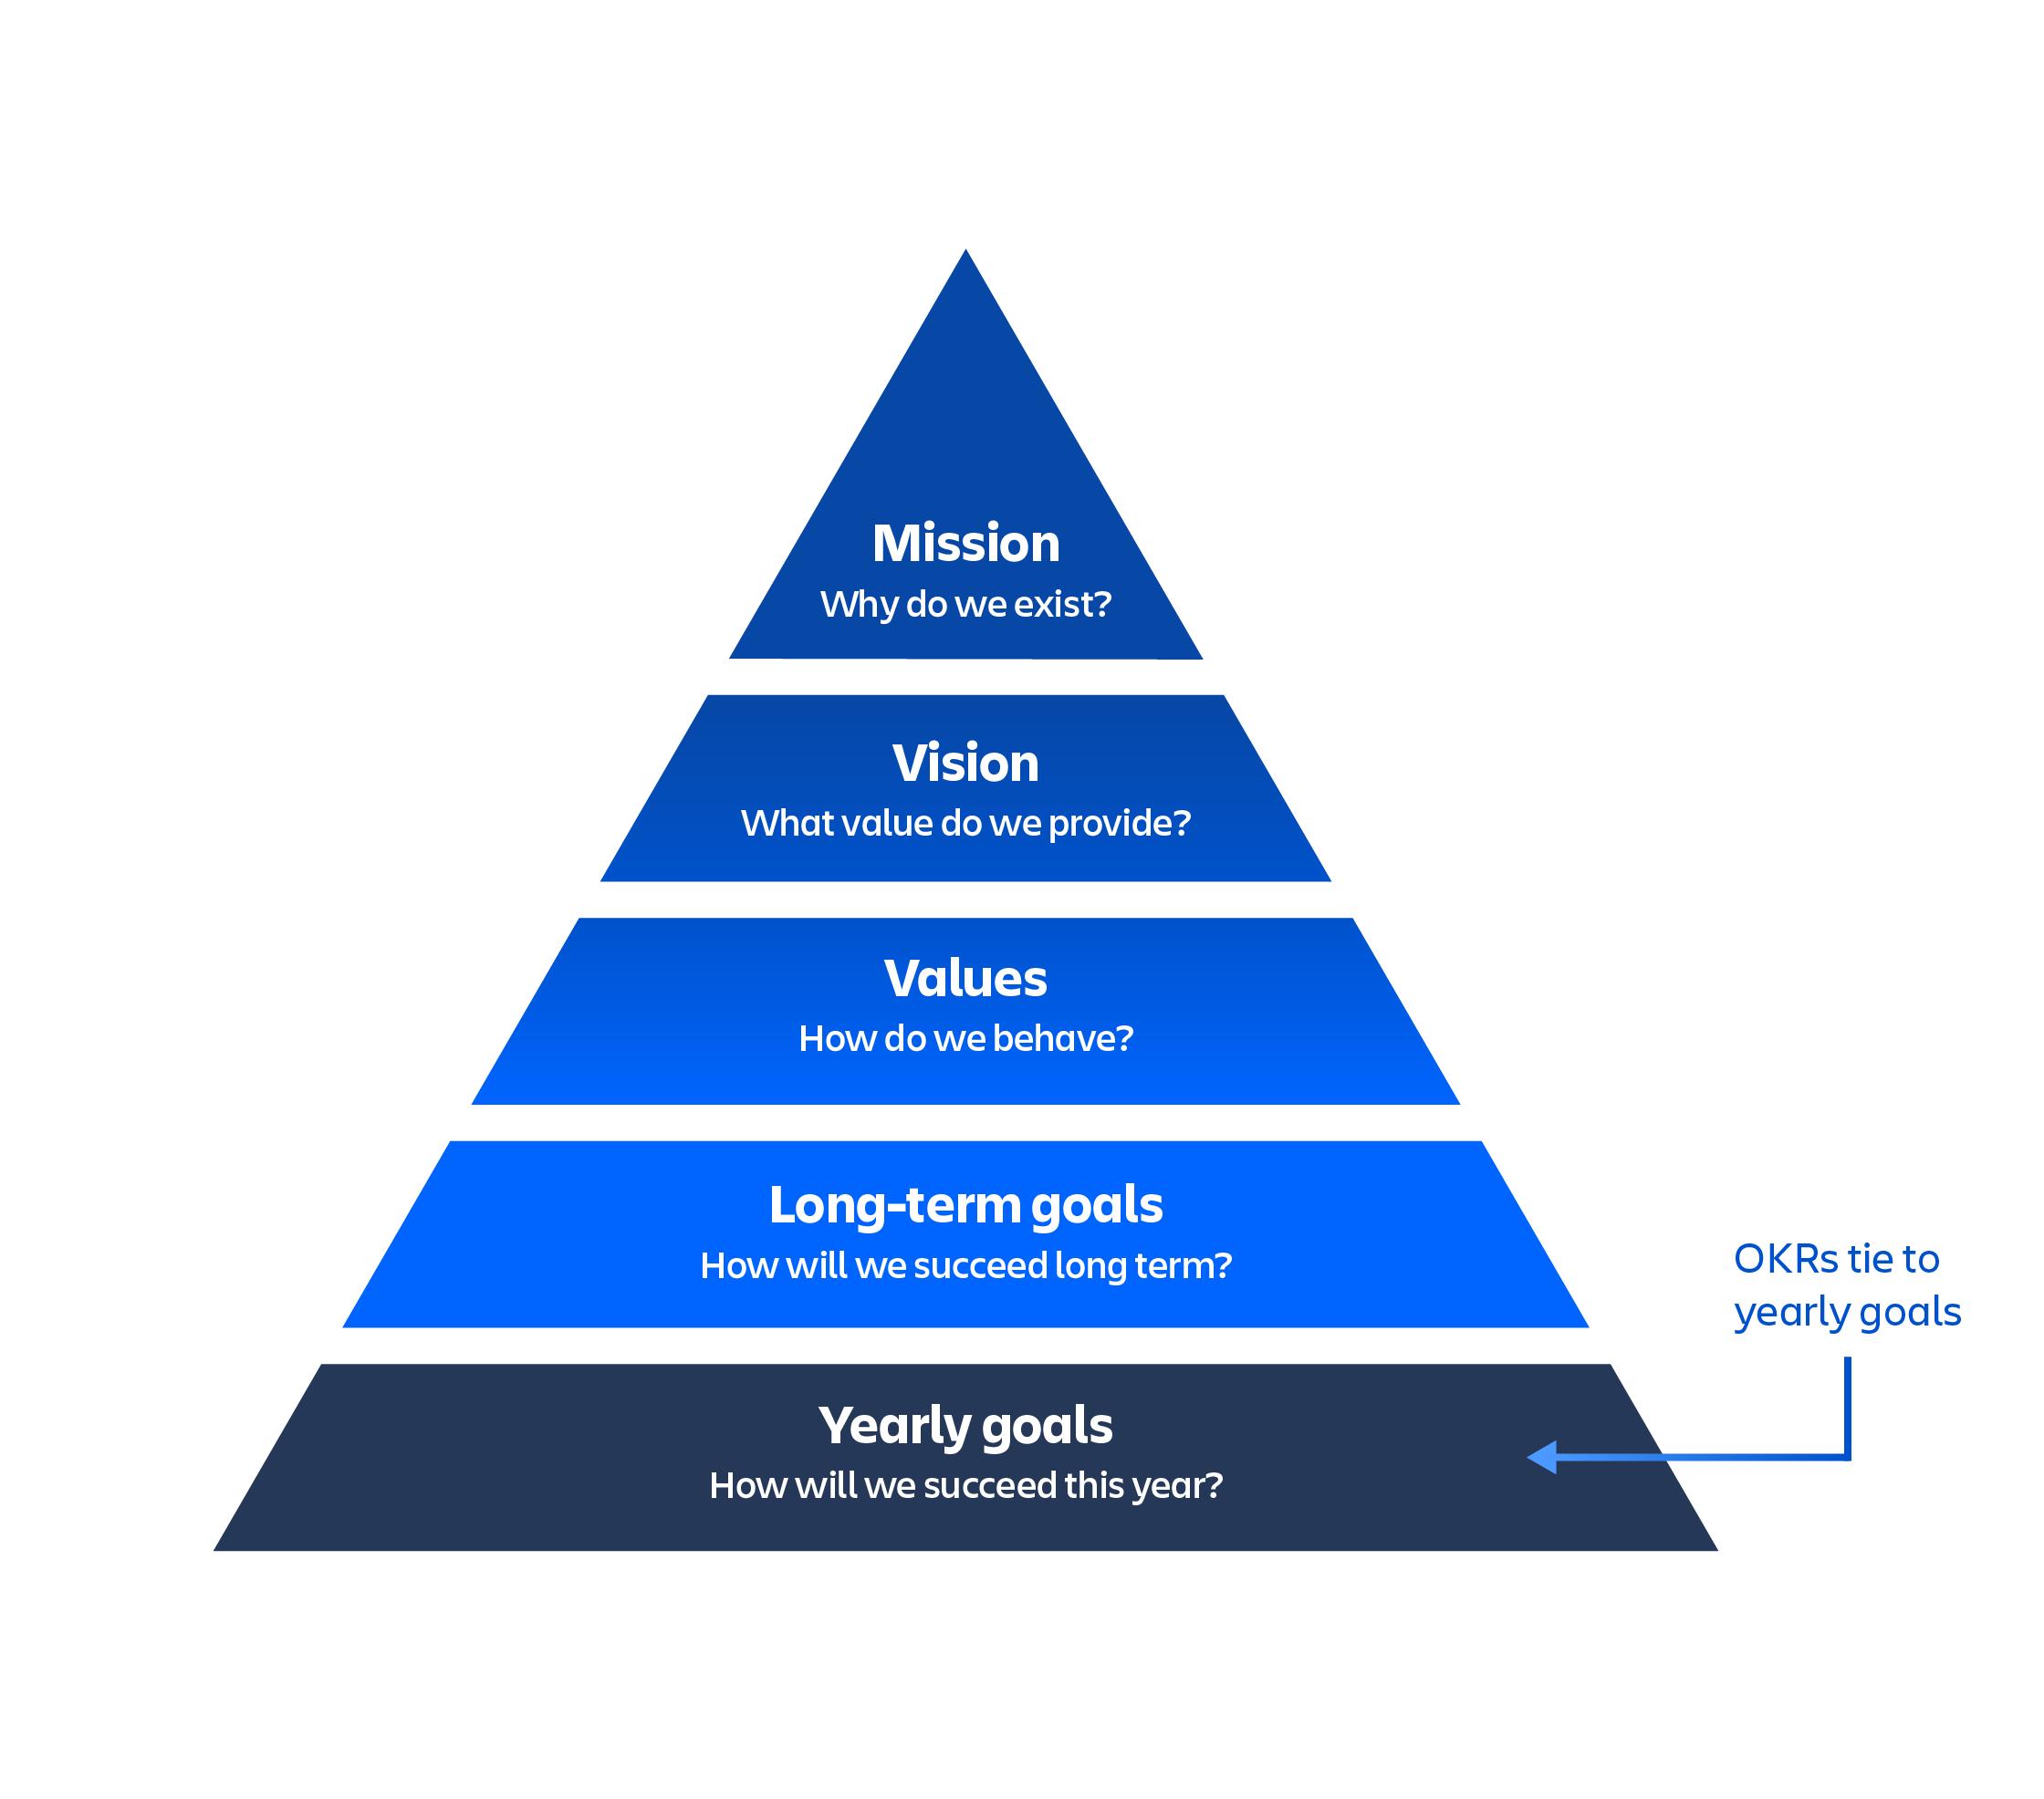 Pyramide des OKR présentant les objectifs à la base